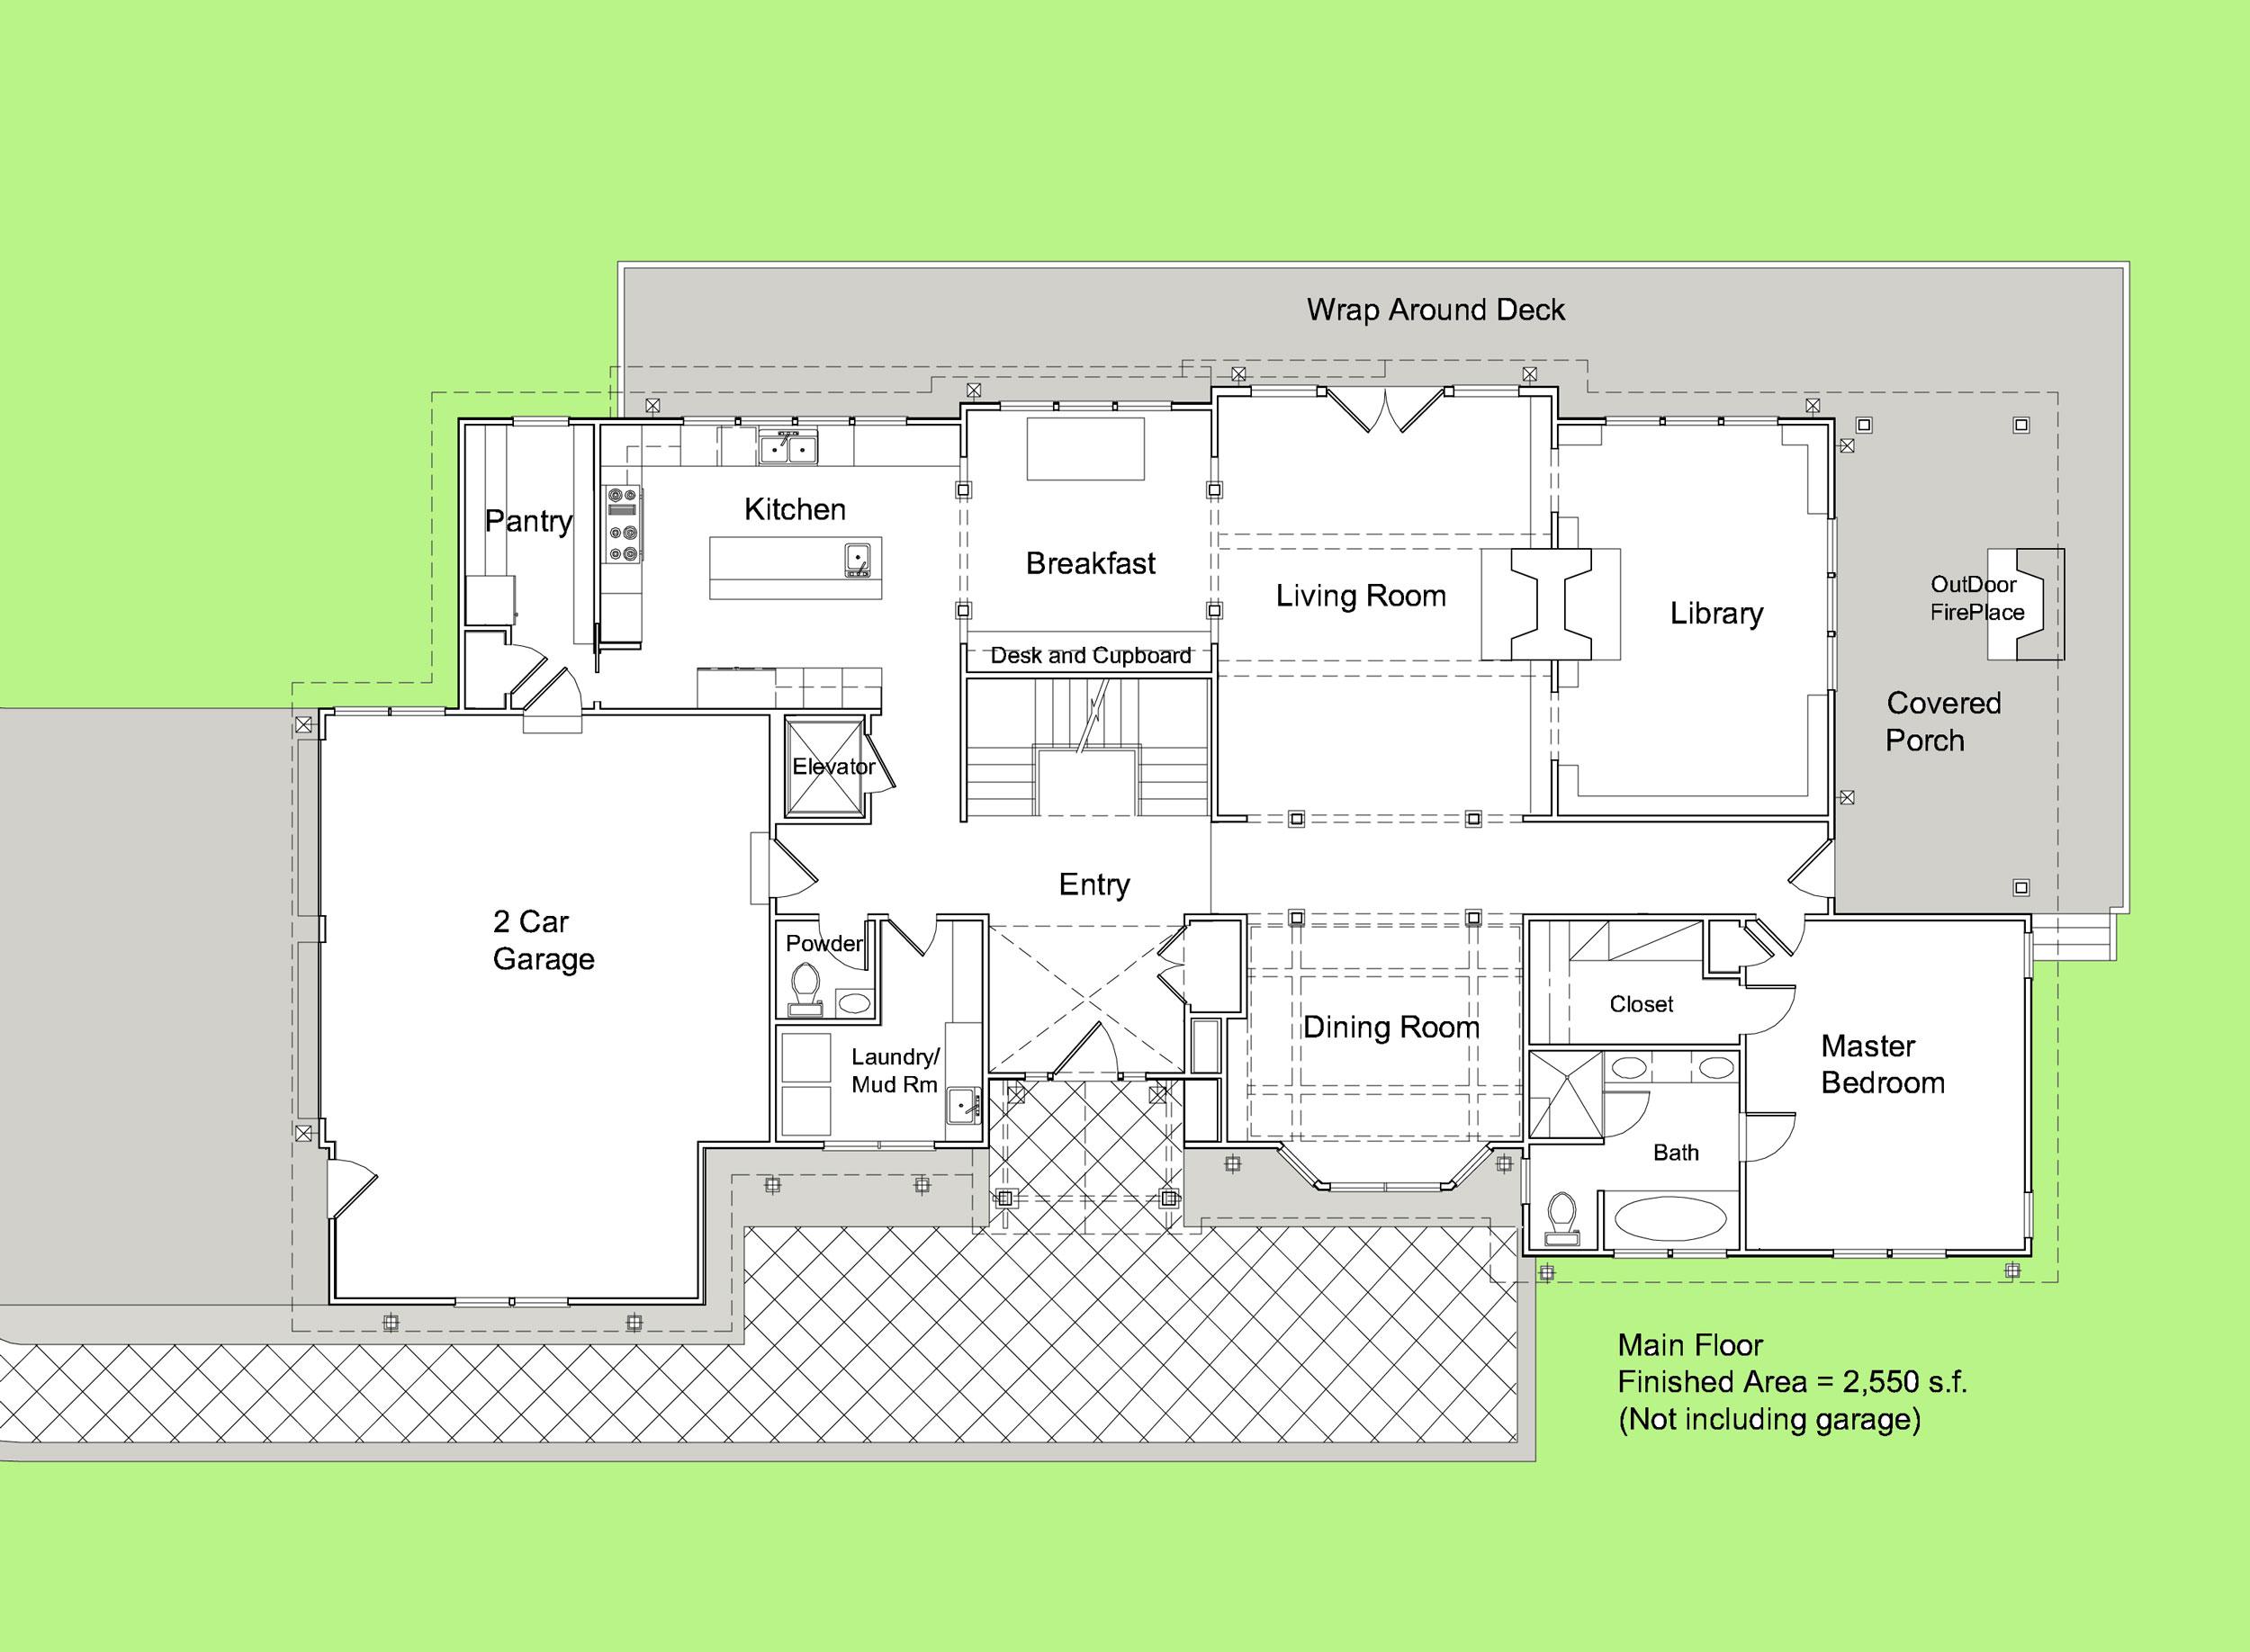 asheville-craftsman-dream-home-floorplan.jpg